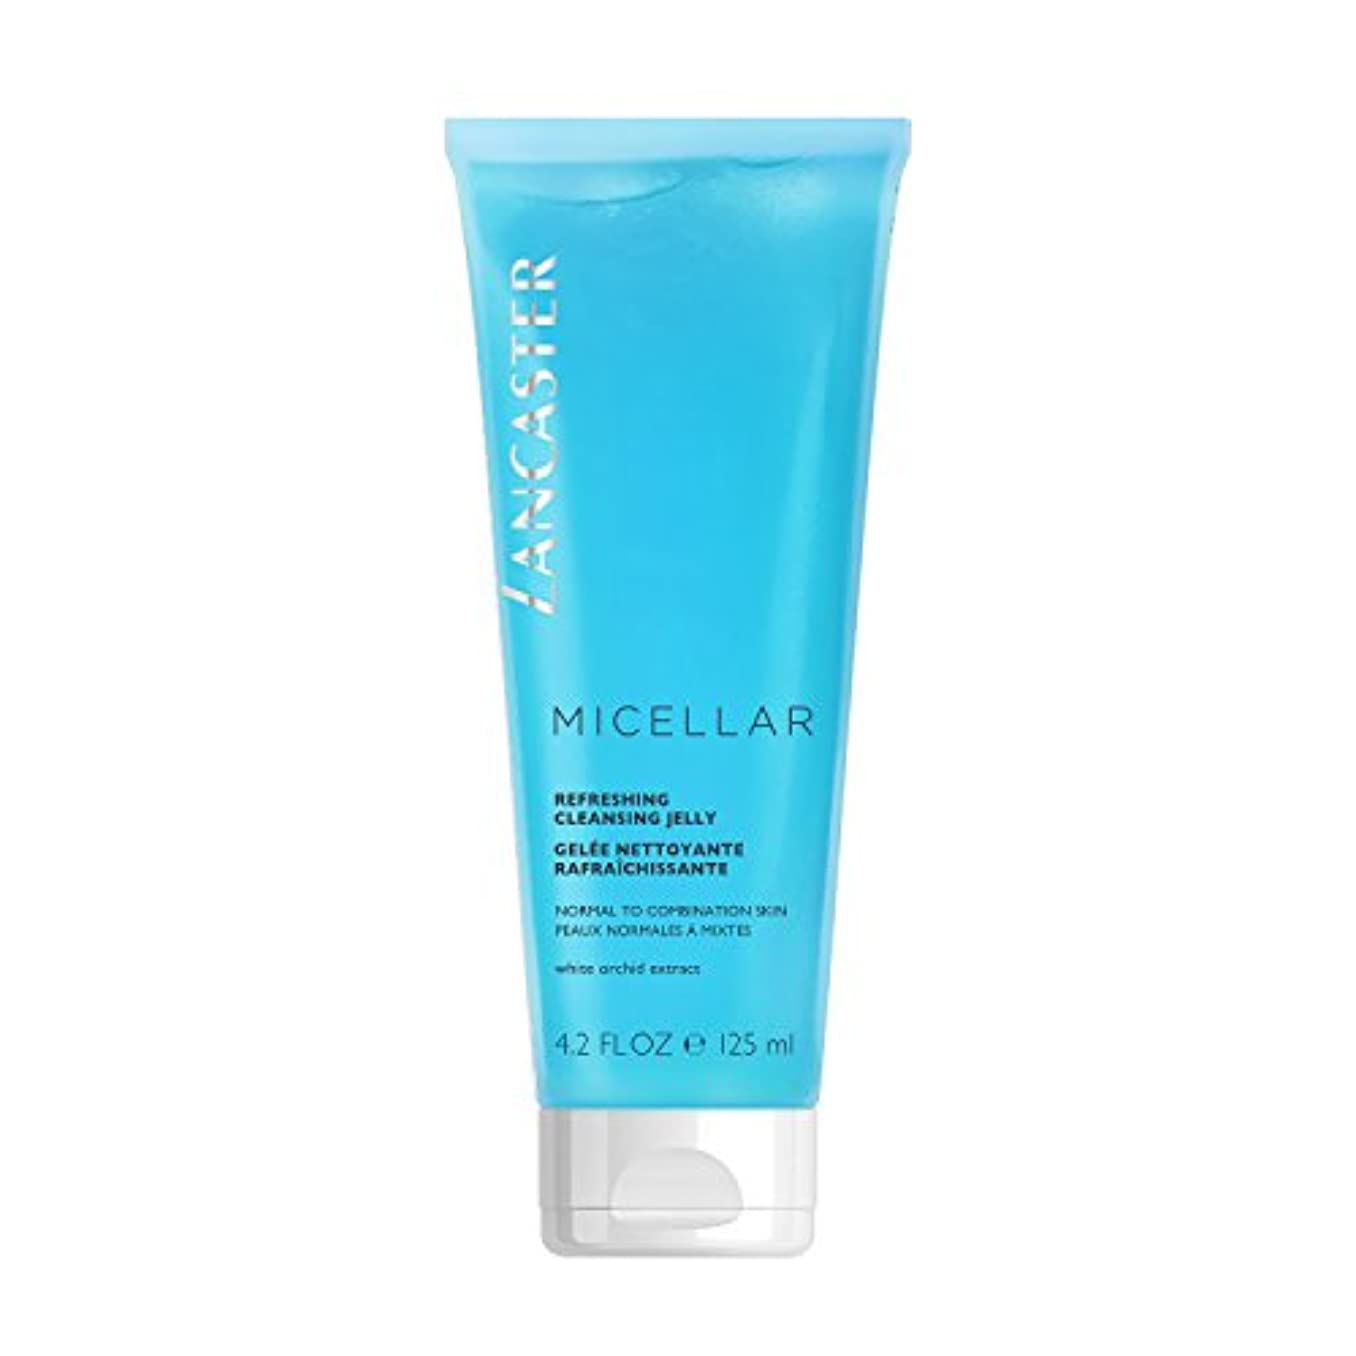 遺産均等にパターンランカスター Micellar Refreshing Cleansing Jelly - Normal to Combination Skin, Including Sensitive Skin 125ml/4.2oz並行輸入品